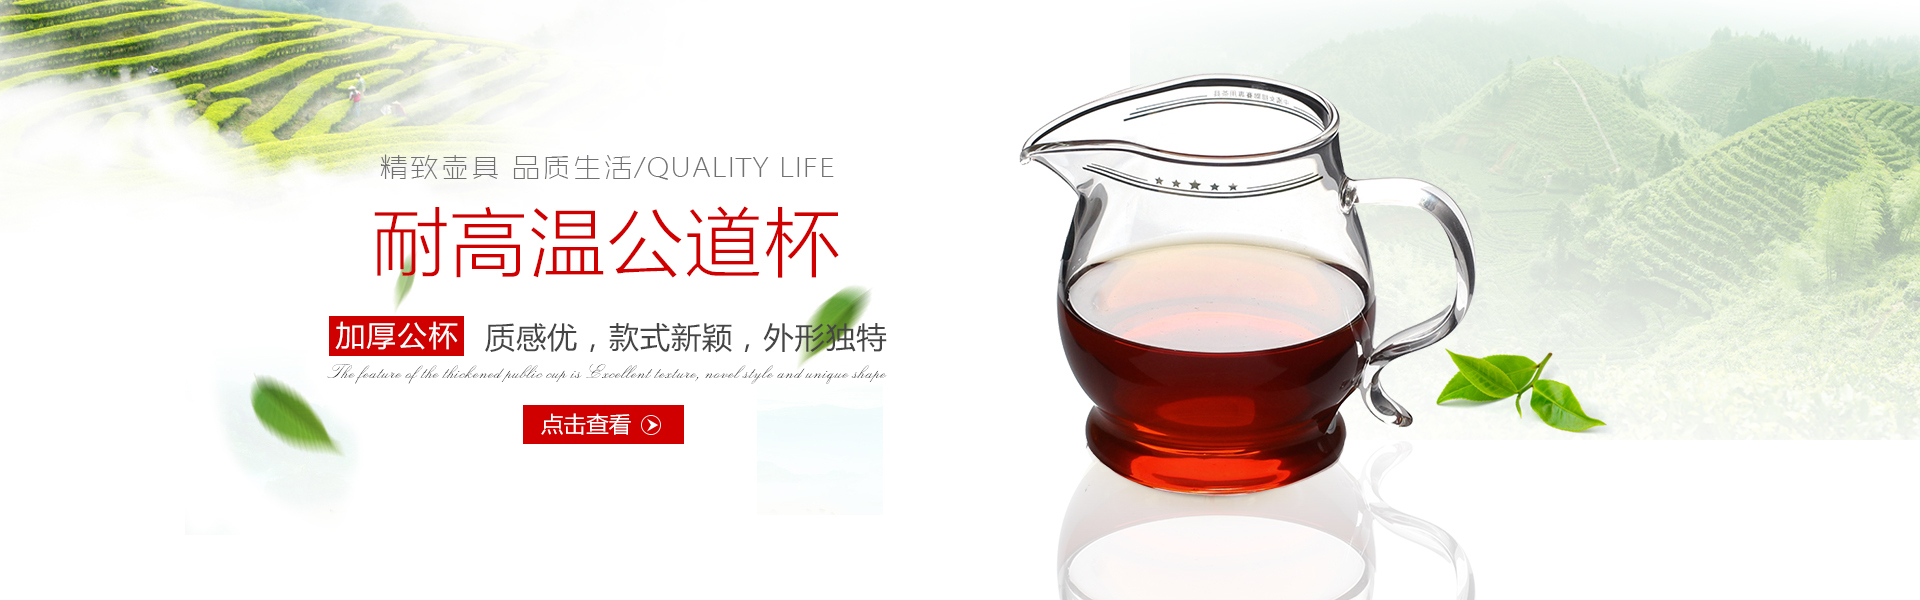 河北万博万博体育官网下载茶具